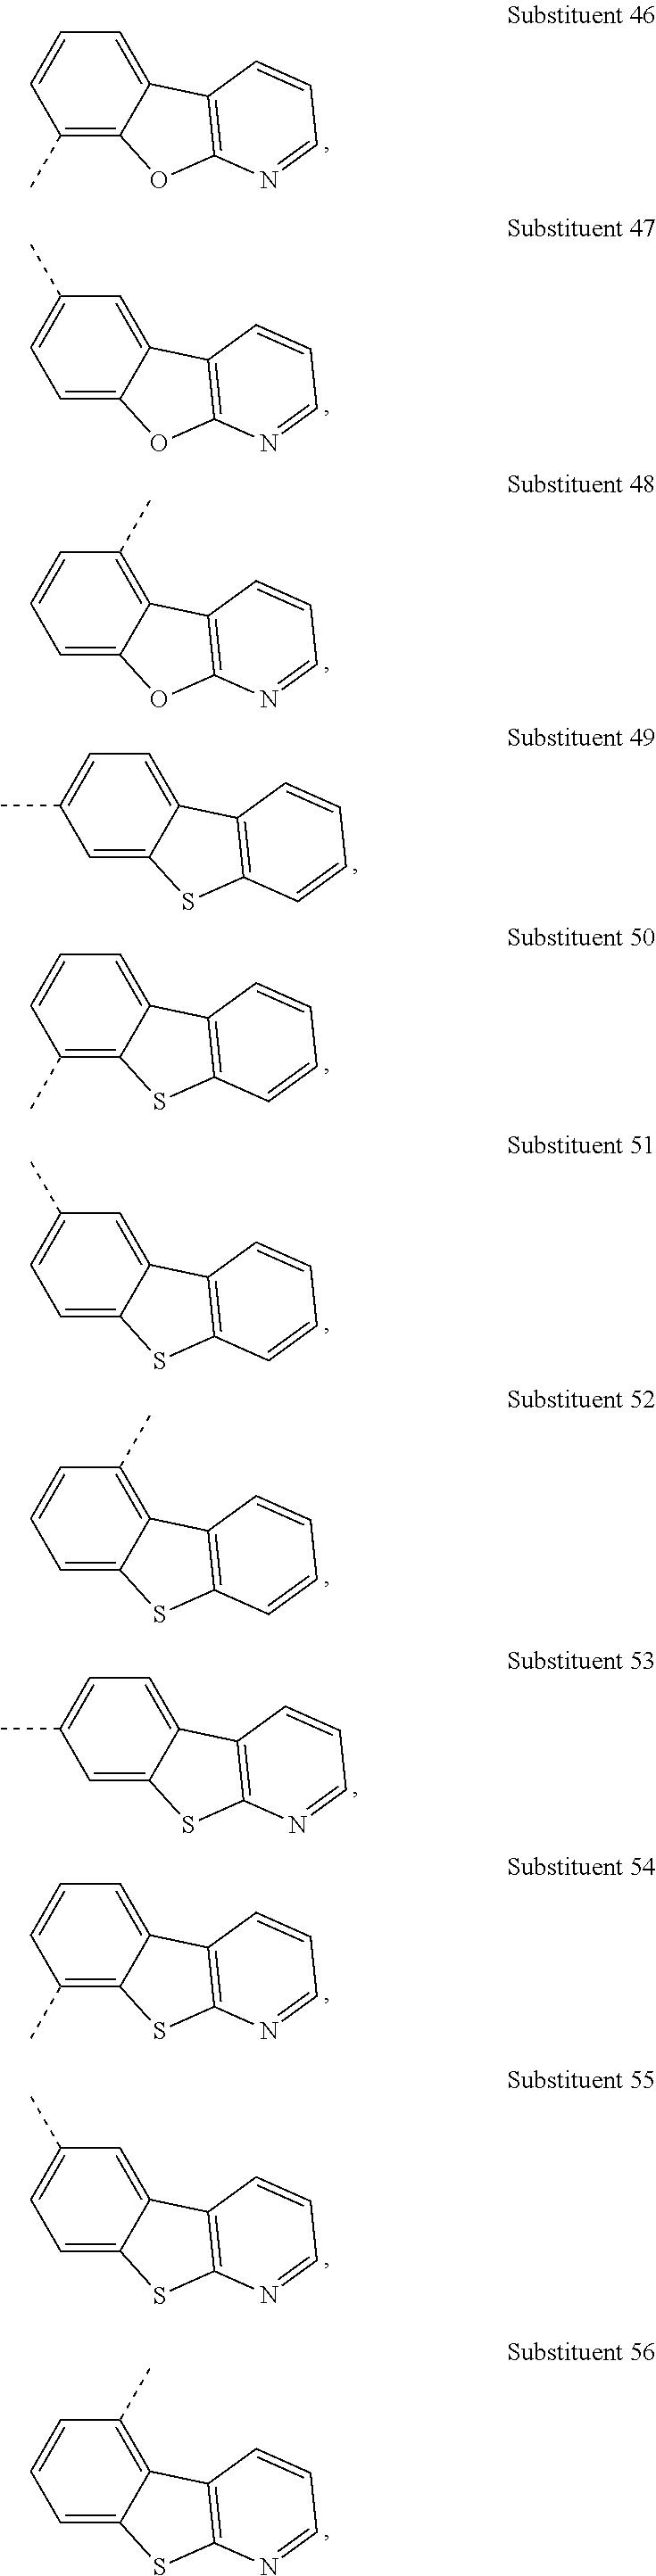 Figure US20170365801A1-20171221-C00163